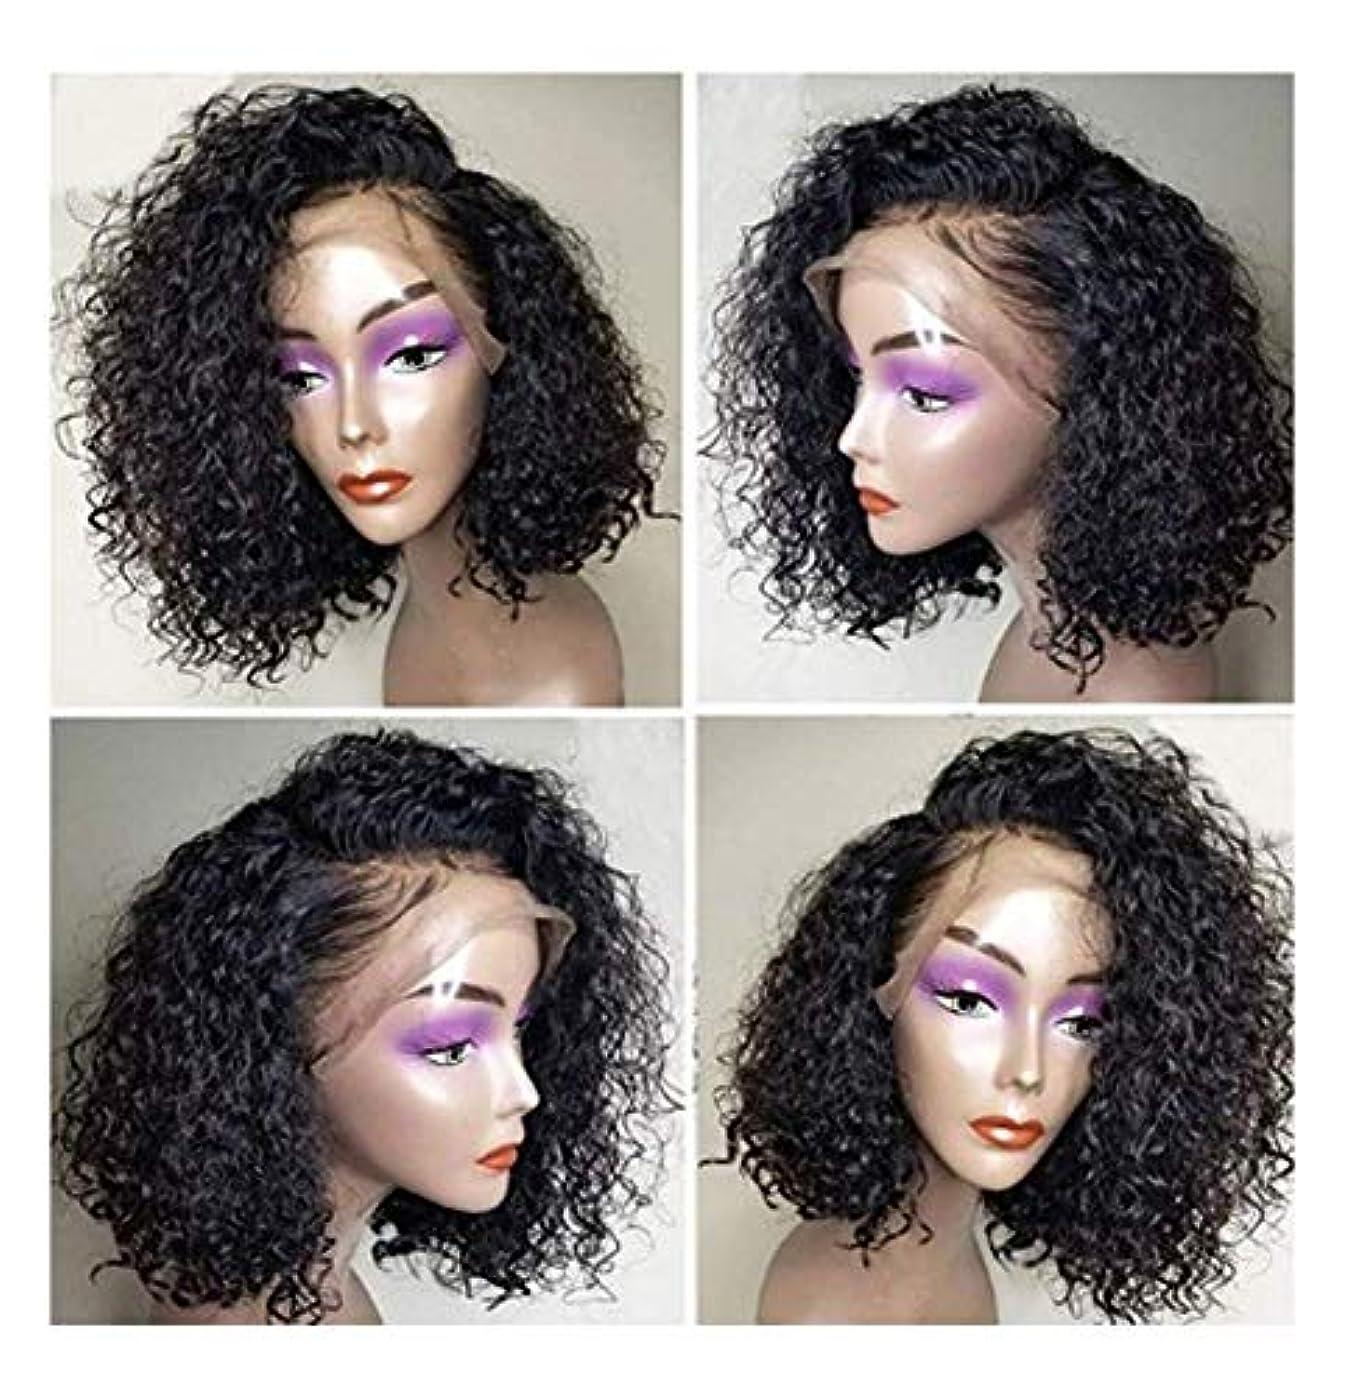 ブースト錫日光女性のフルヘッド合成レースフロントウィッグ、コスプレパーティーデイリードレスヘアピース用14 ''ナチュラルブラックショートヘア